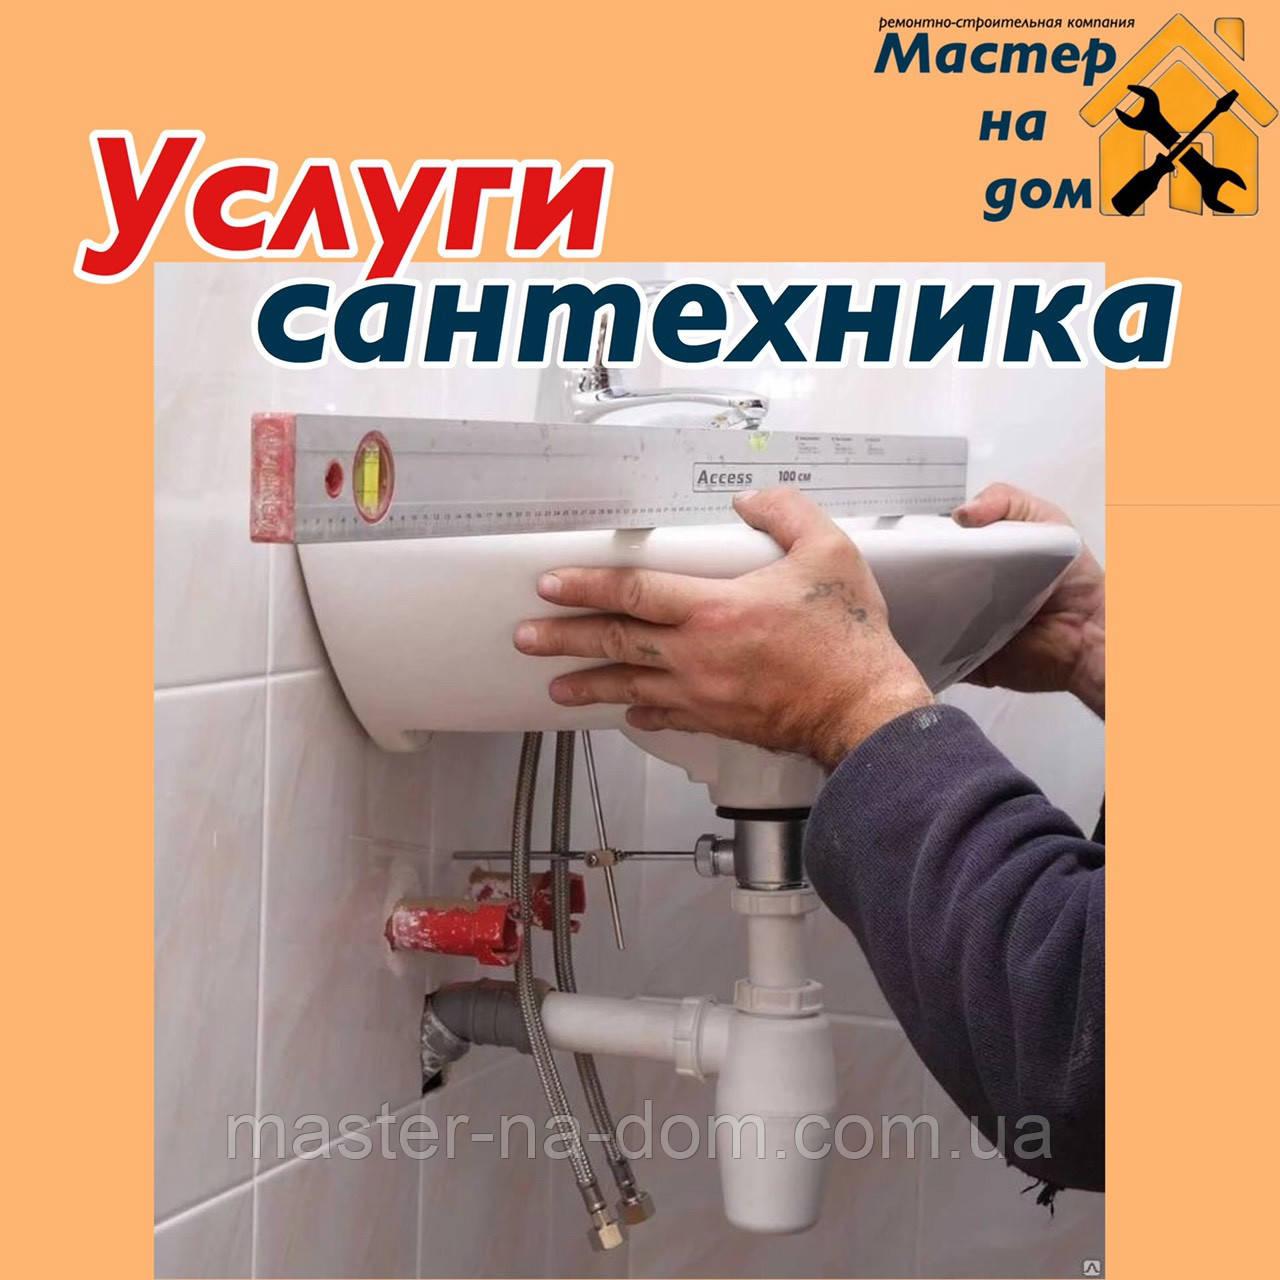 Услуги сантехника в Николаеве